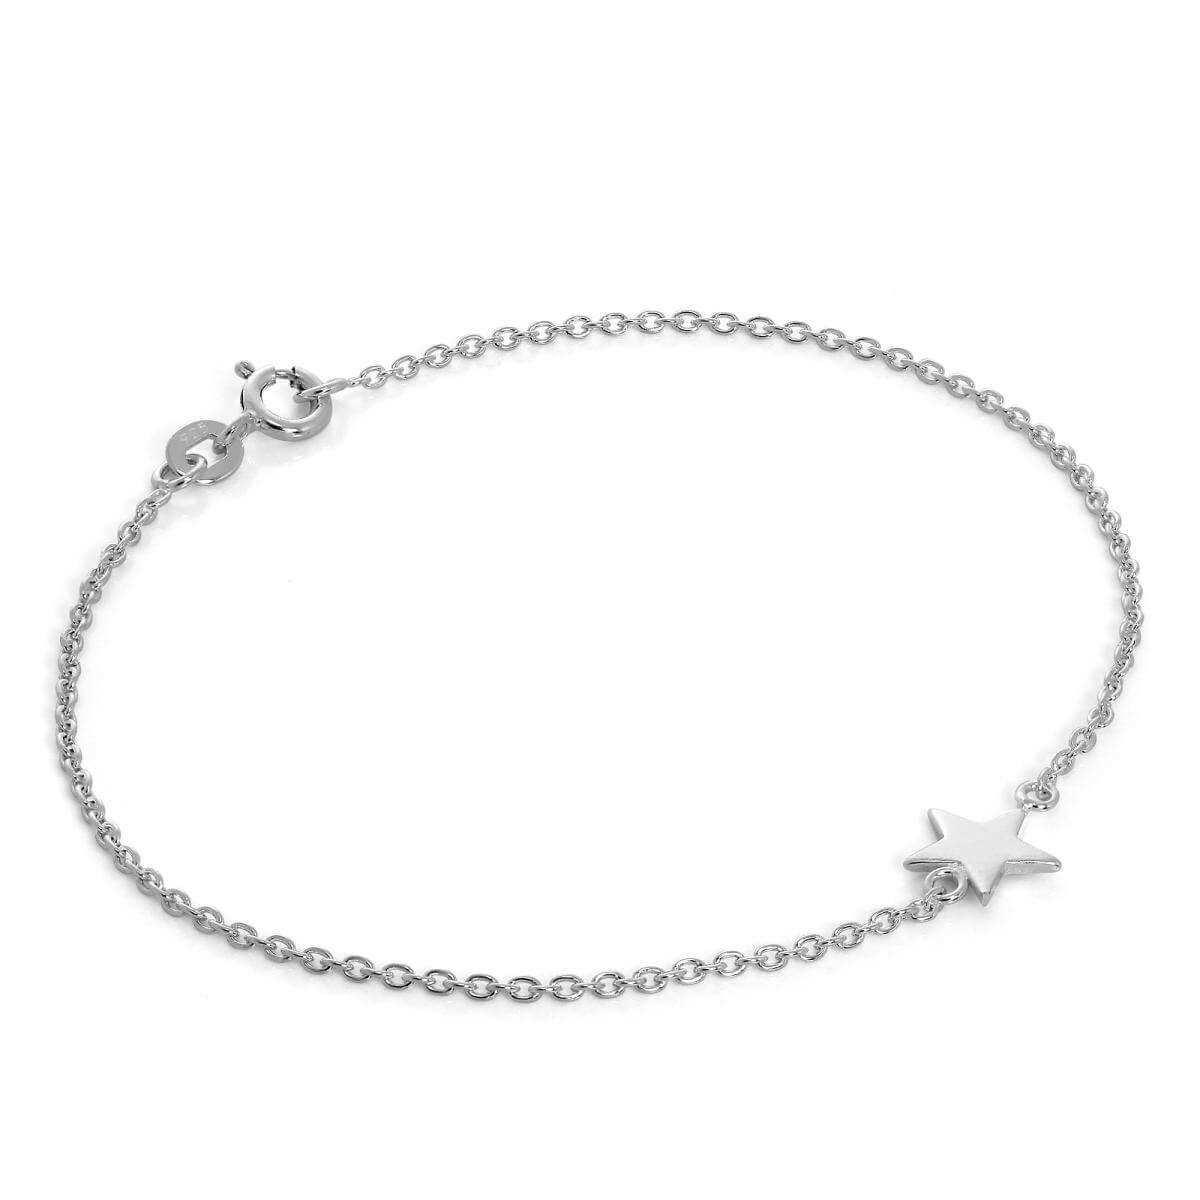 Fine Sterling Silver Star Belcher Chain Bracelet